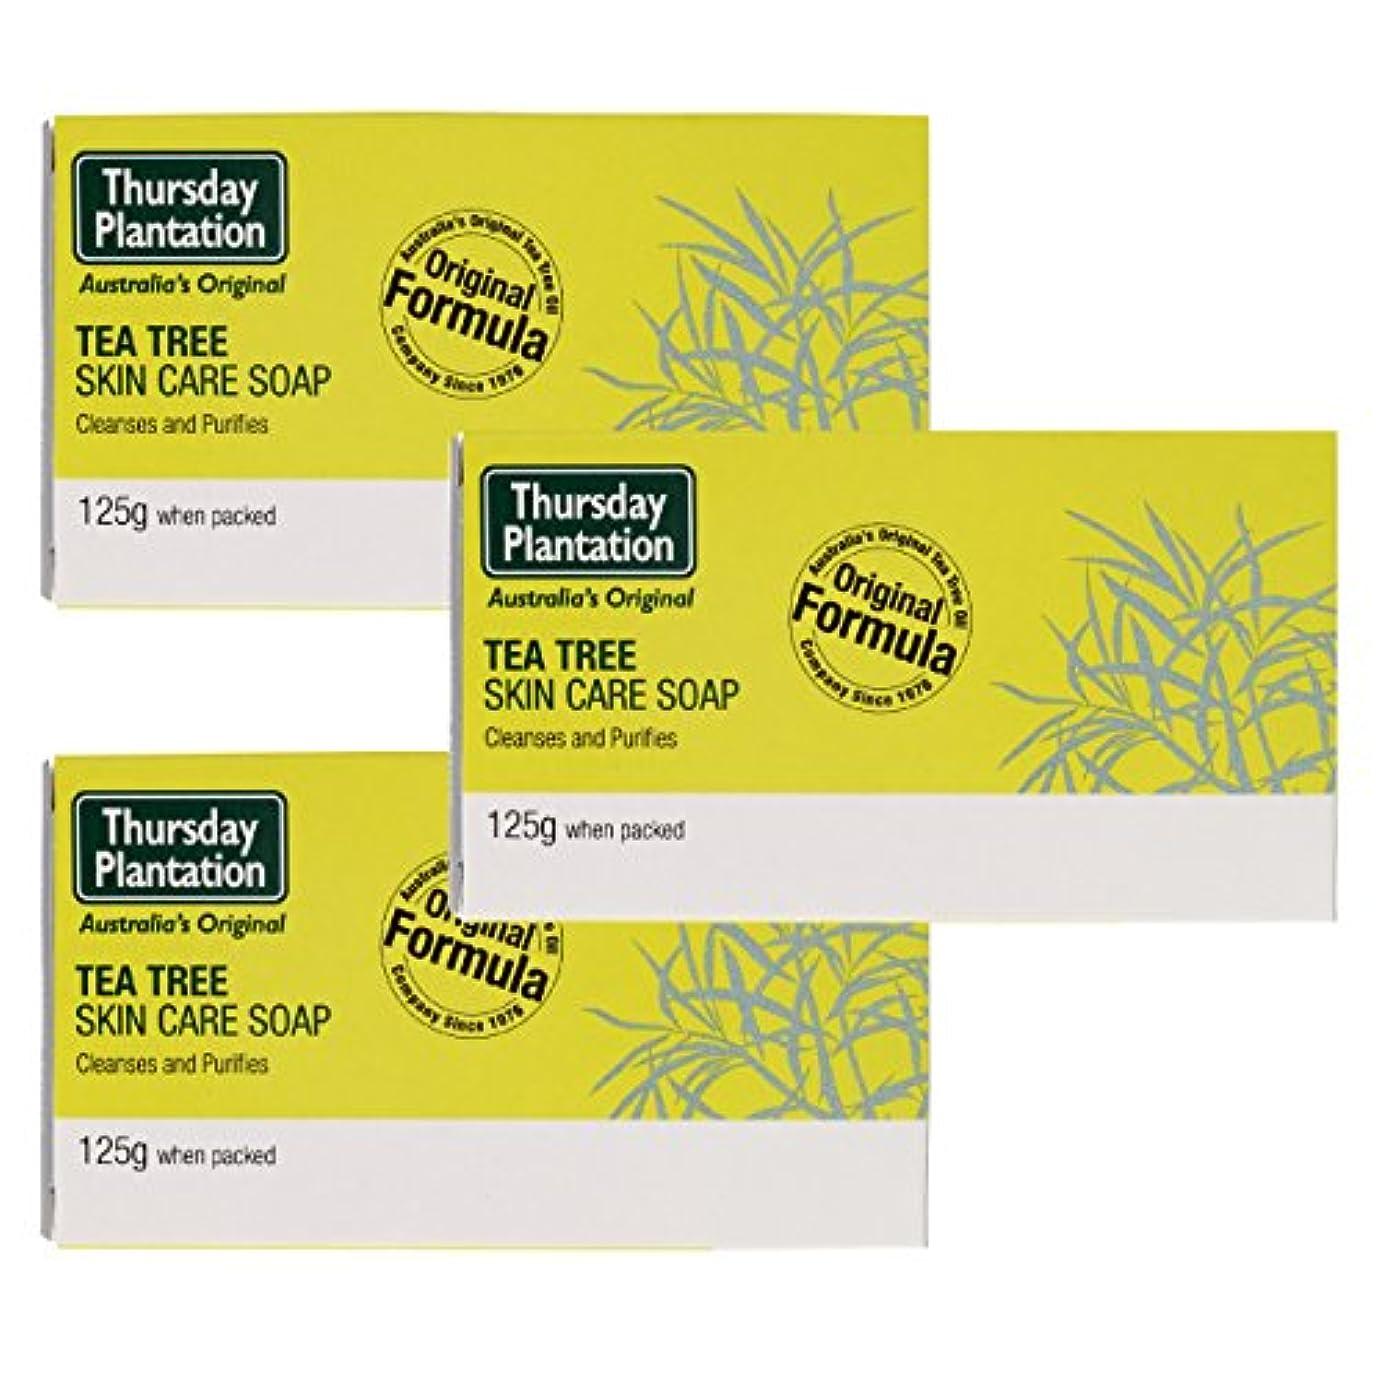 内側栄光宇宙船ティーツリー スキンケア ソープ 125g x3 Thursday Plantation Tea Tree Skin Care Soap [並行輸入品]